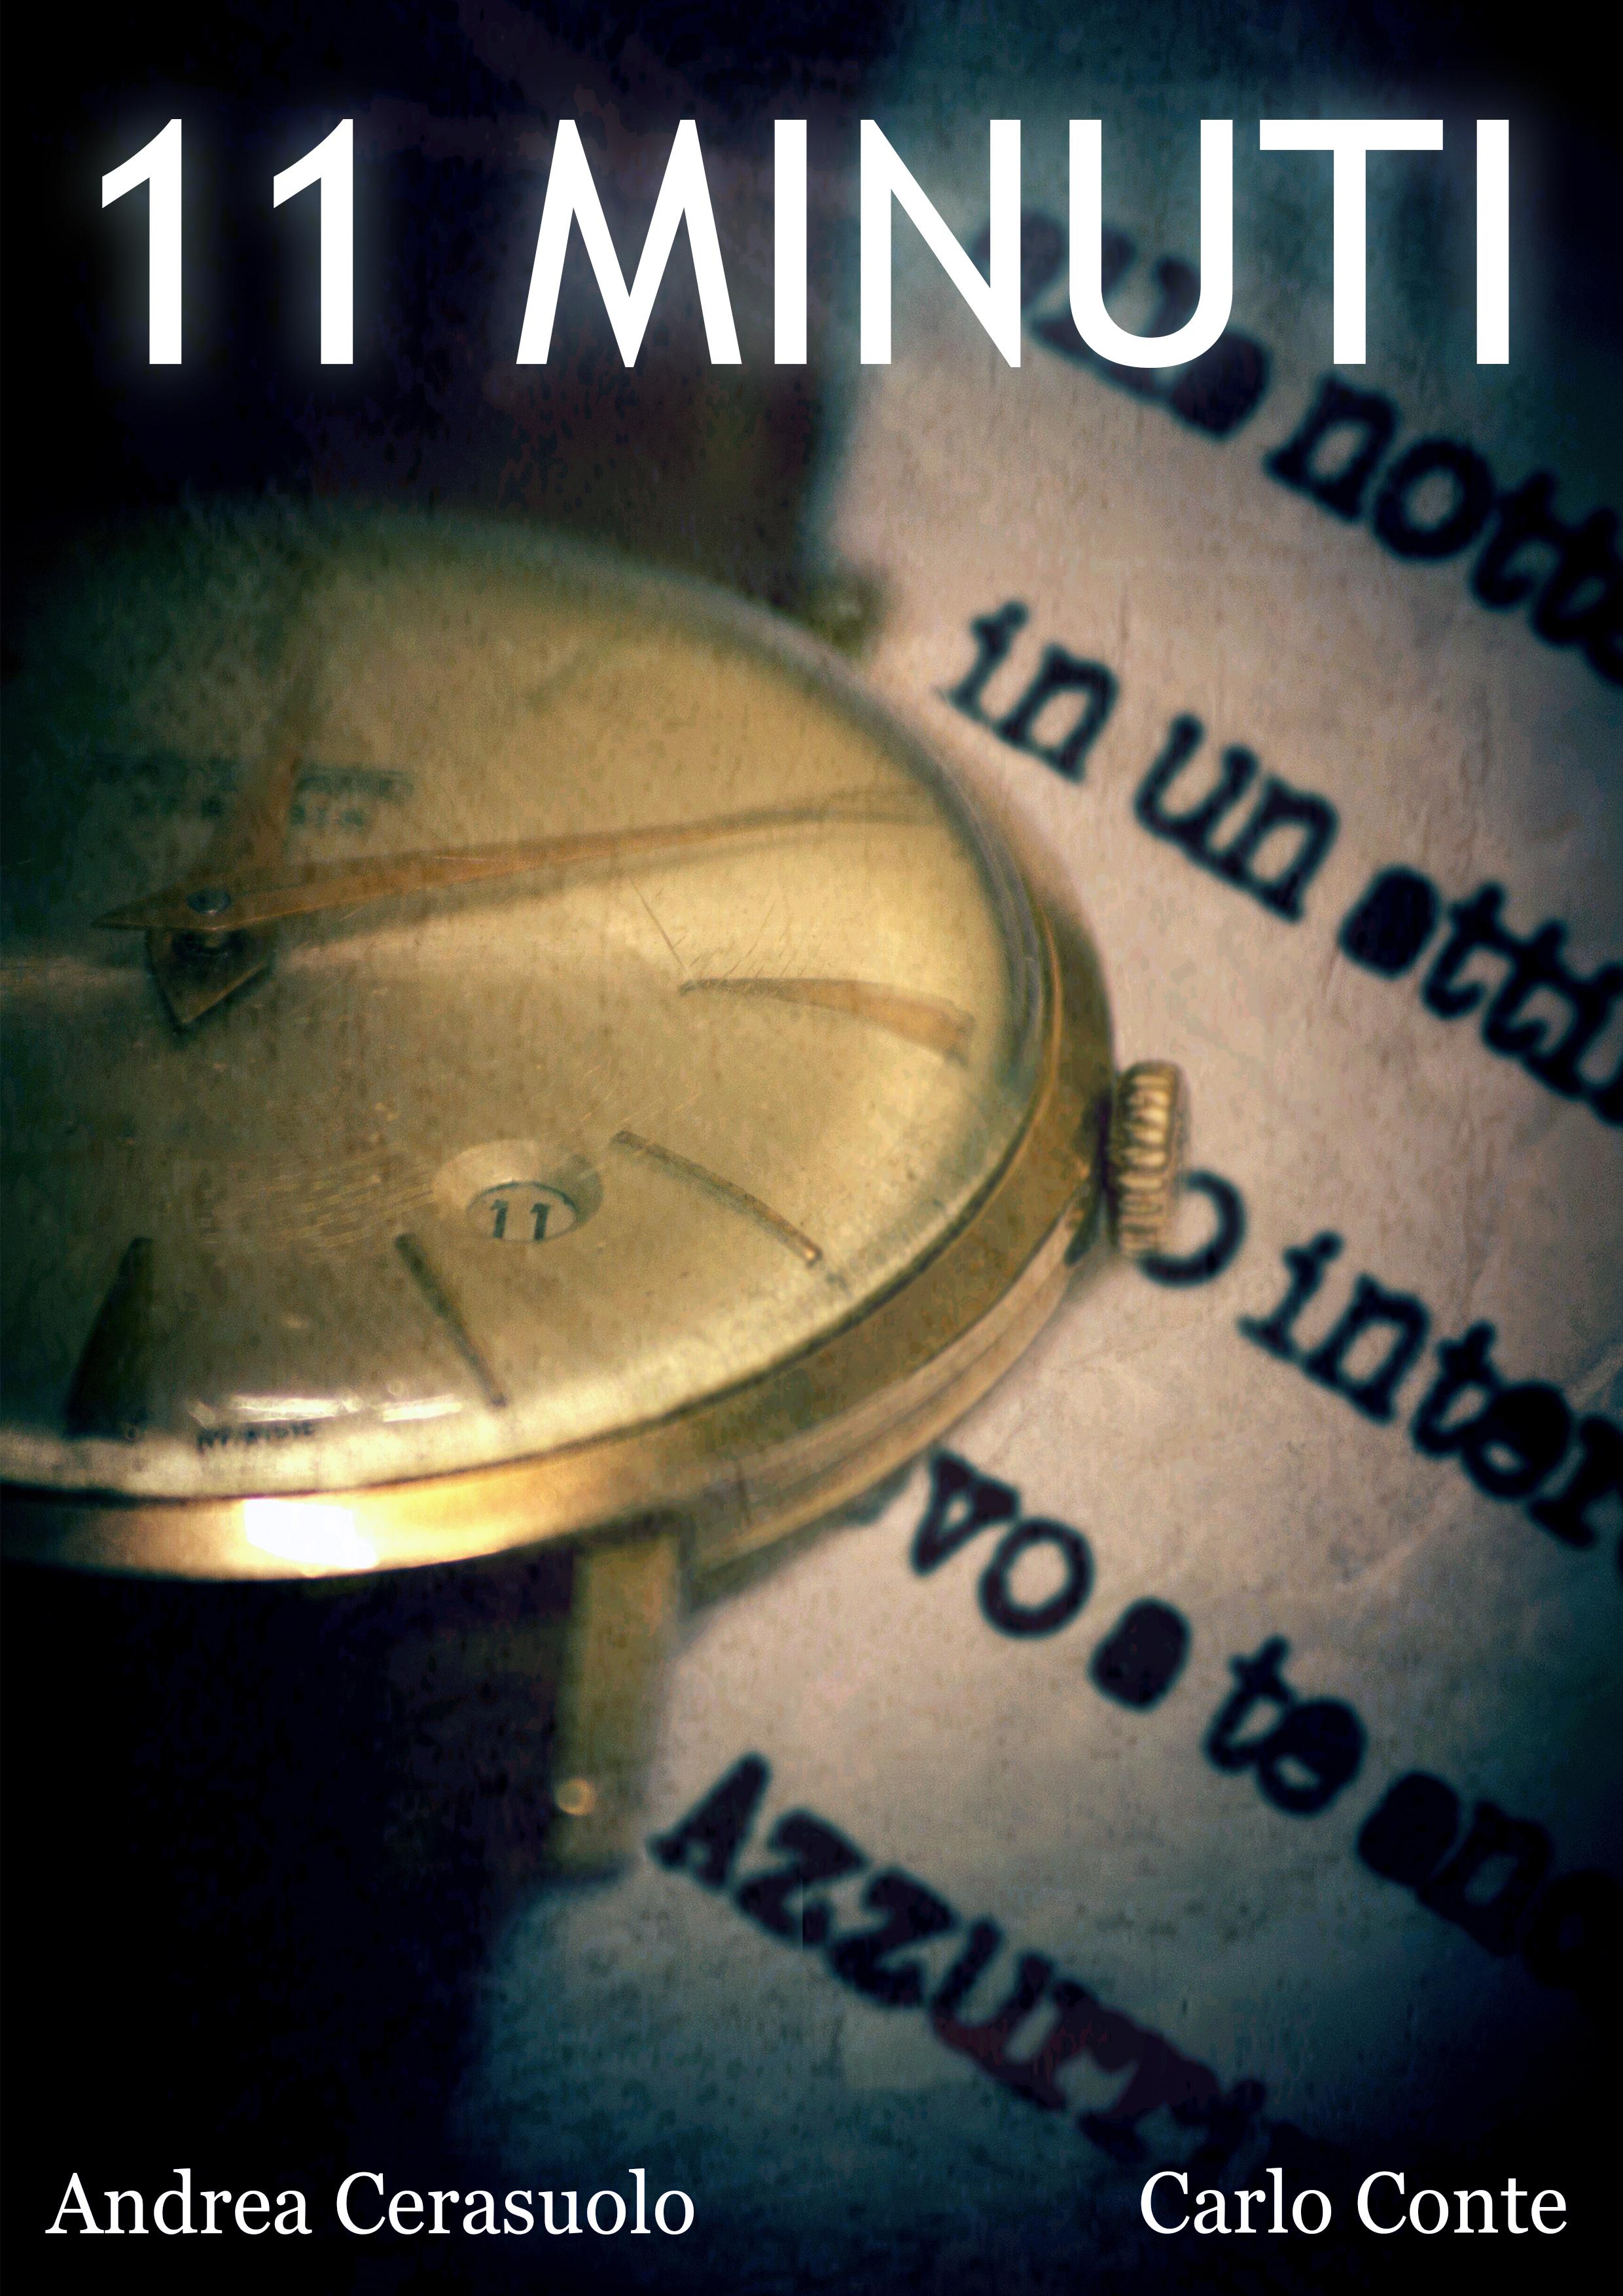 11 minuti-image